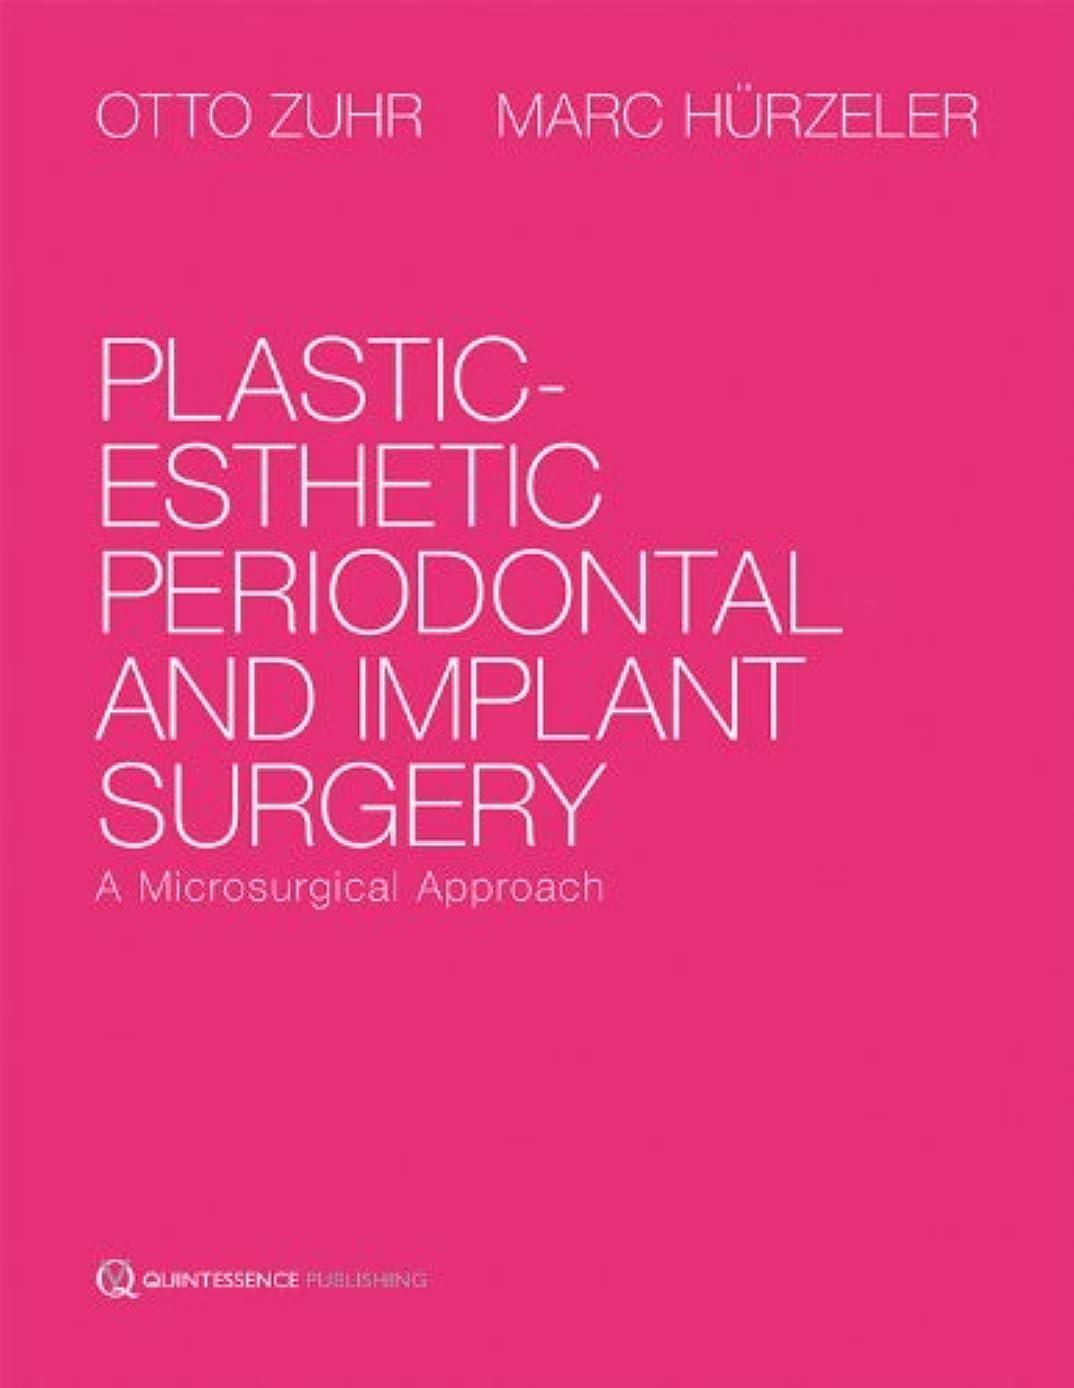 糞除去マルクス主義Plastic-Esthetic Periodontal and Implant Surgery: A Microsurgical Approach